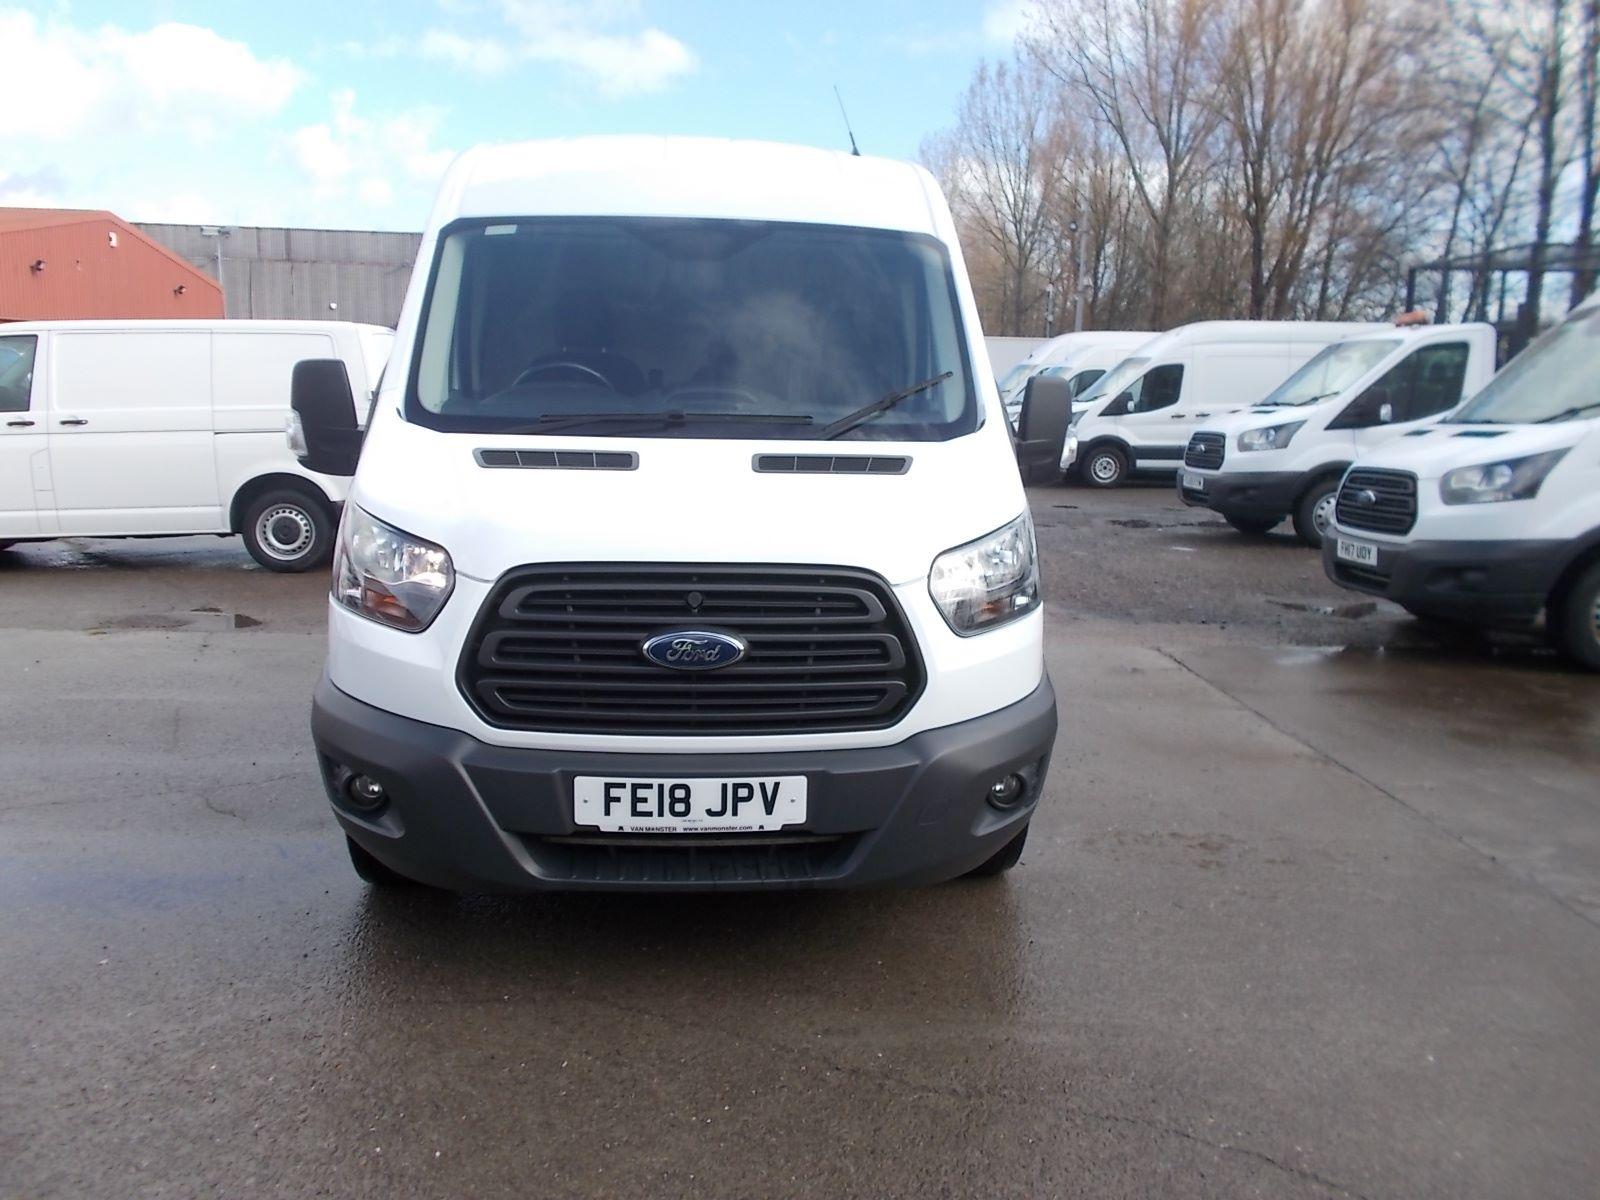 2018 Ford Transit L3 H3 VAN 130PS EURO 6 (FE18JPV)